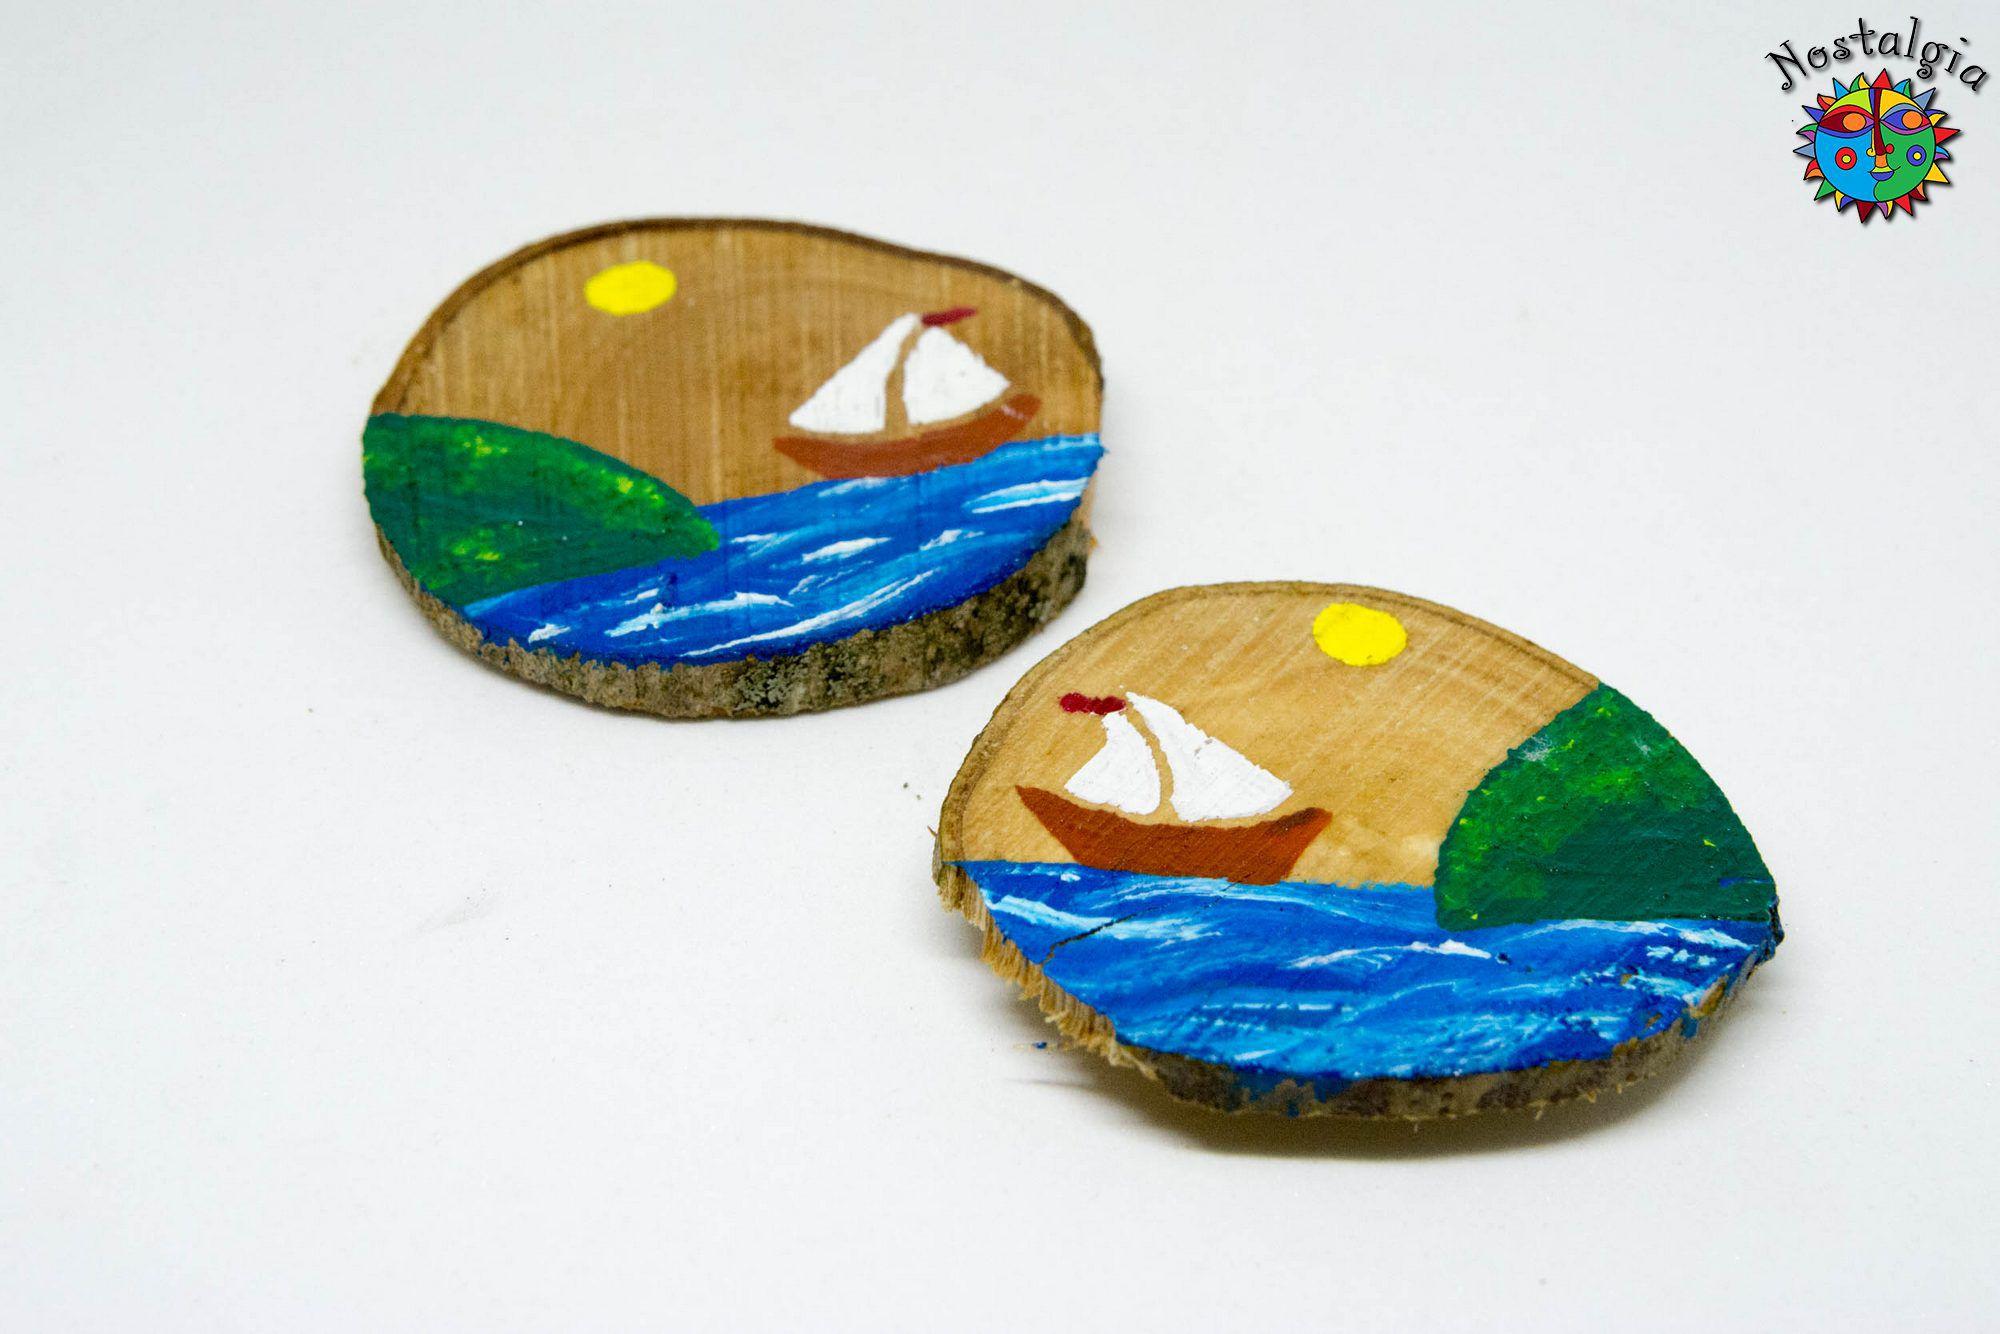 Καραβάκι με νησί